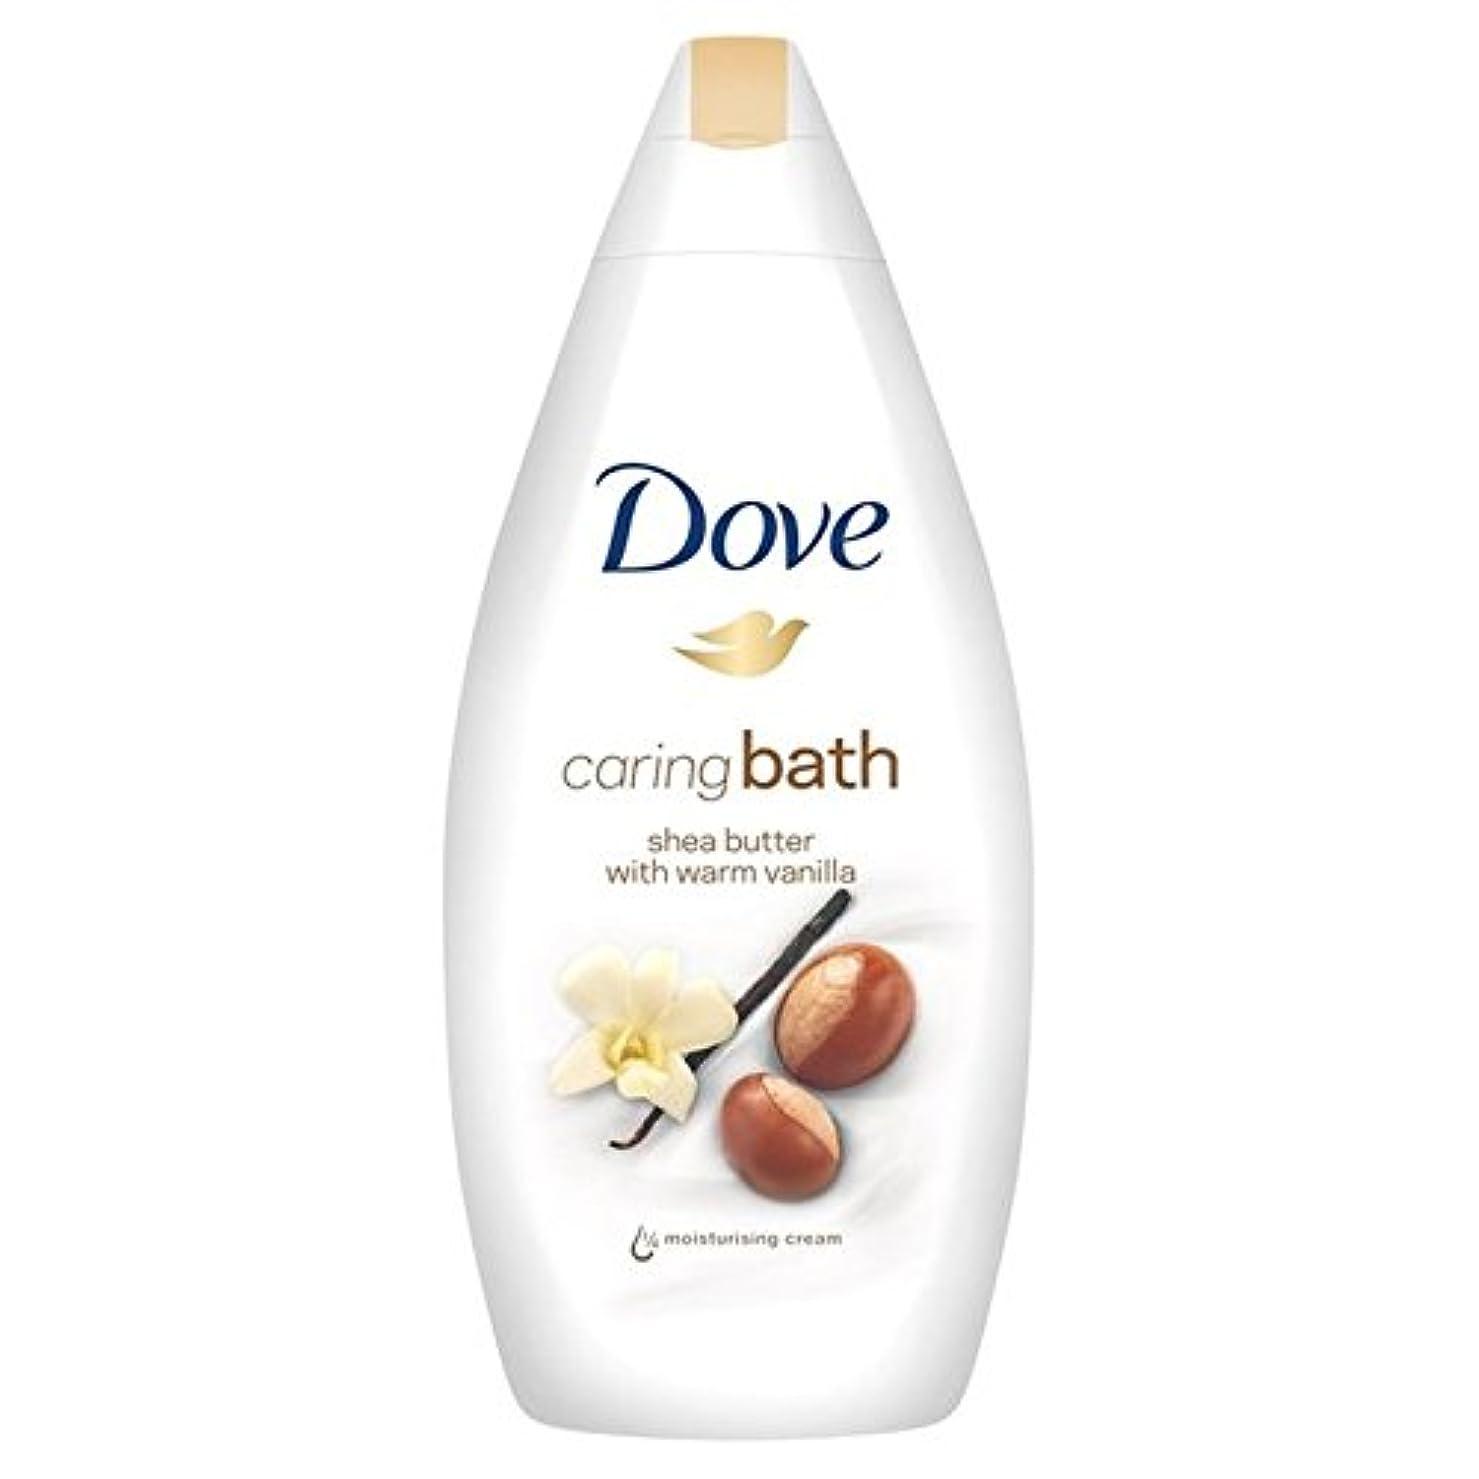 確立熟達した石膏鳩純粋な贅沢シアバター思いやりのあるクリームバス500ミリリットル x4 - Dove Purely Pampering Shea Butter Caring Cream Bath 500ml (Pack of 4) [並行輸入品]